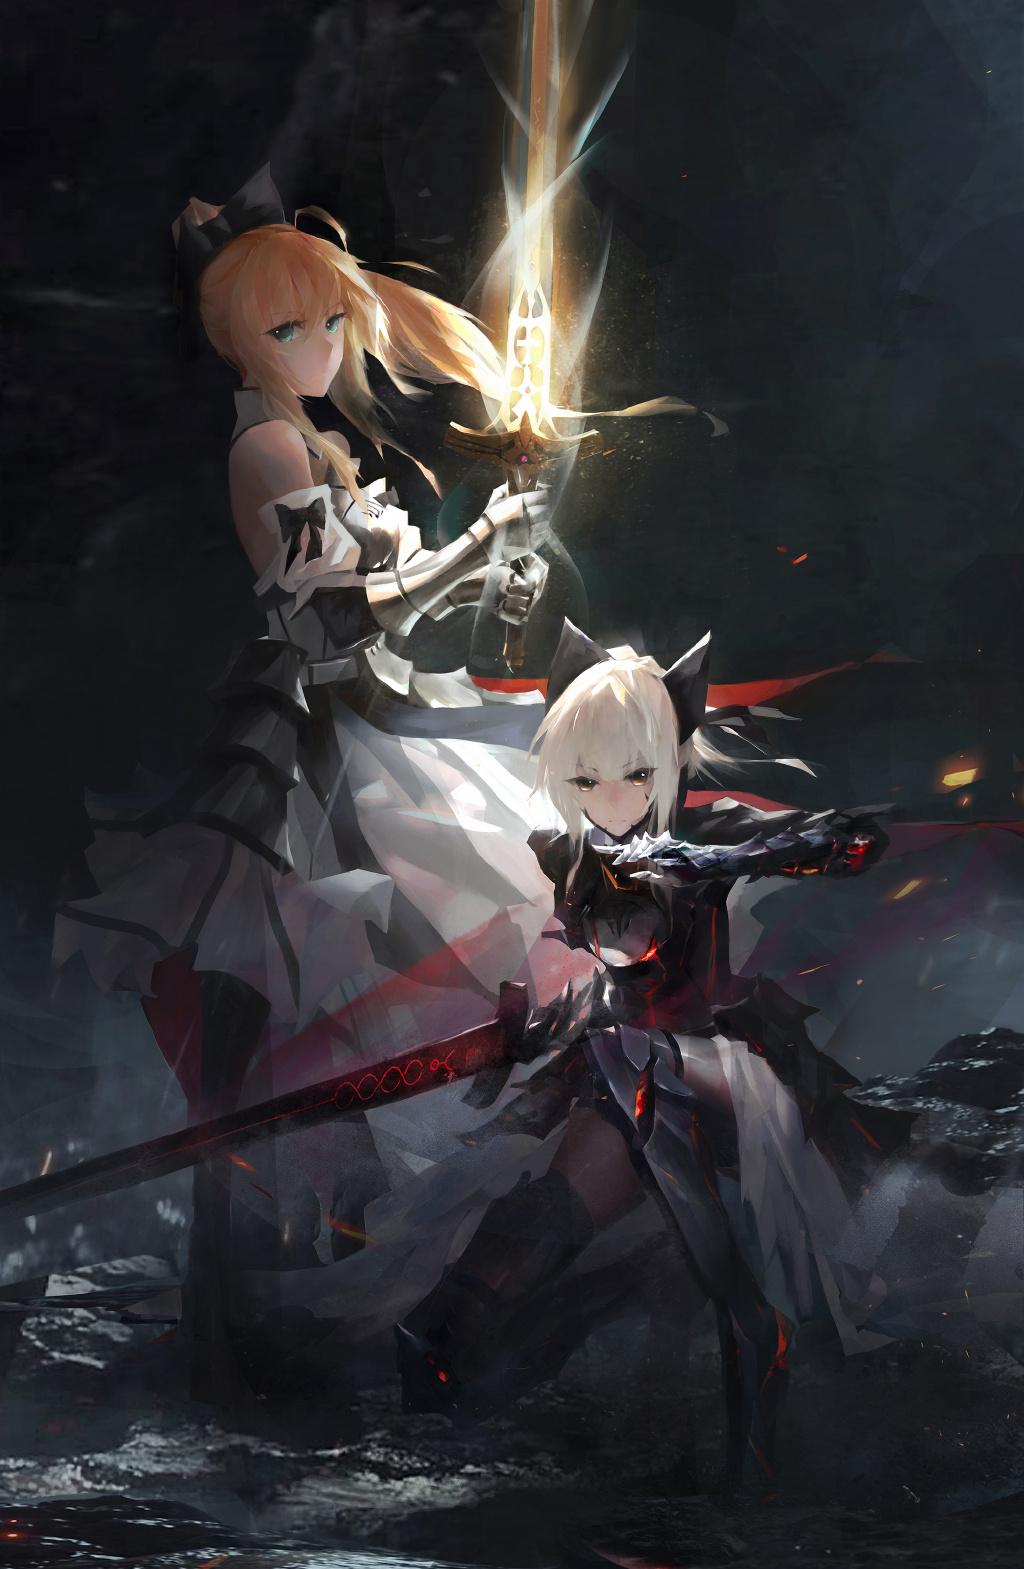 【P站美图】纯白的骑士姬!阿尔托莉雅 Saber Lily 壁纸特辑- ACG17.COM